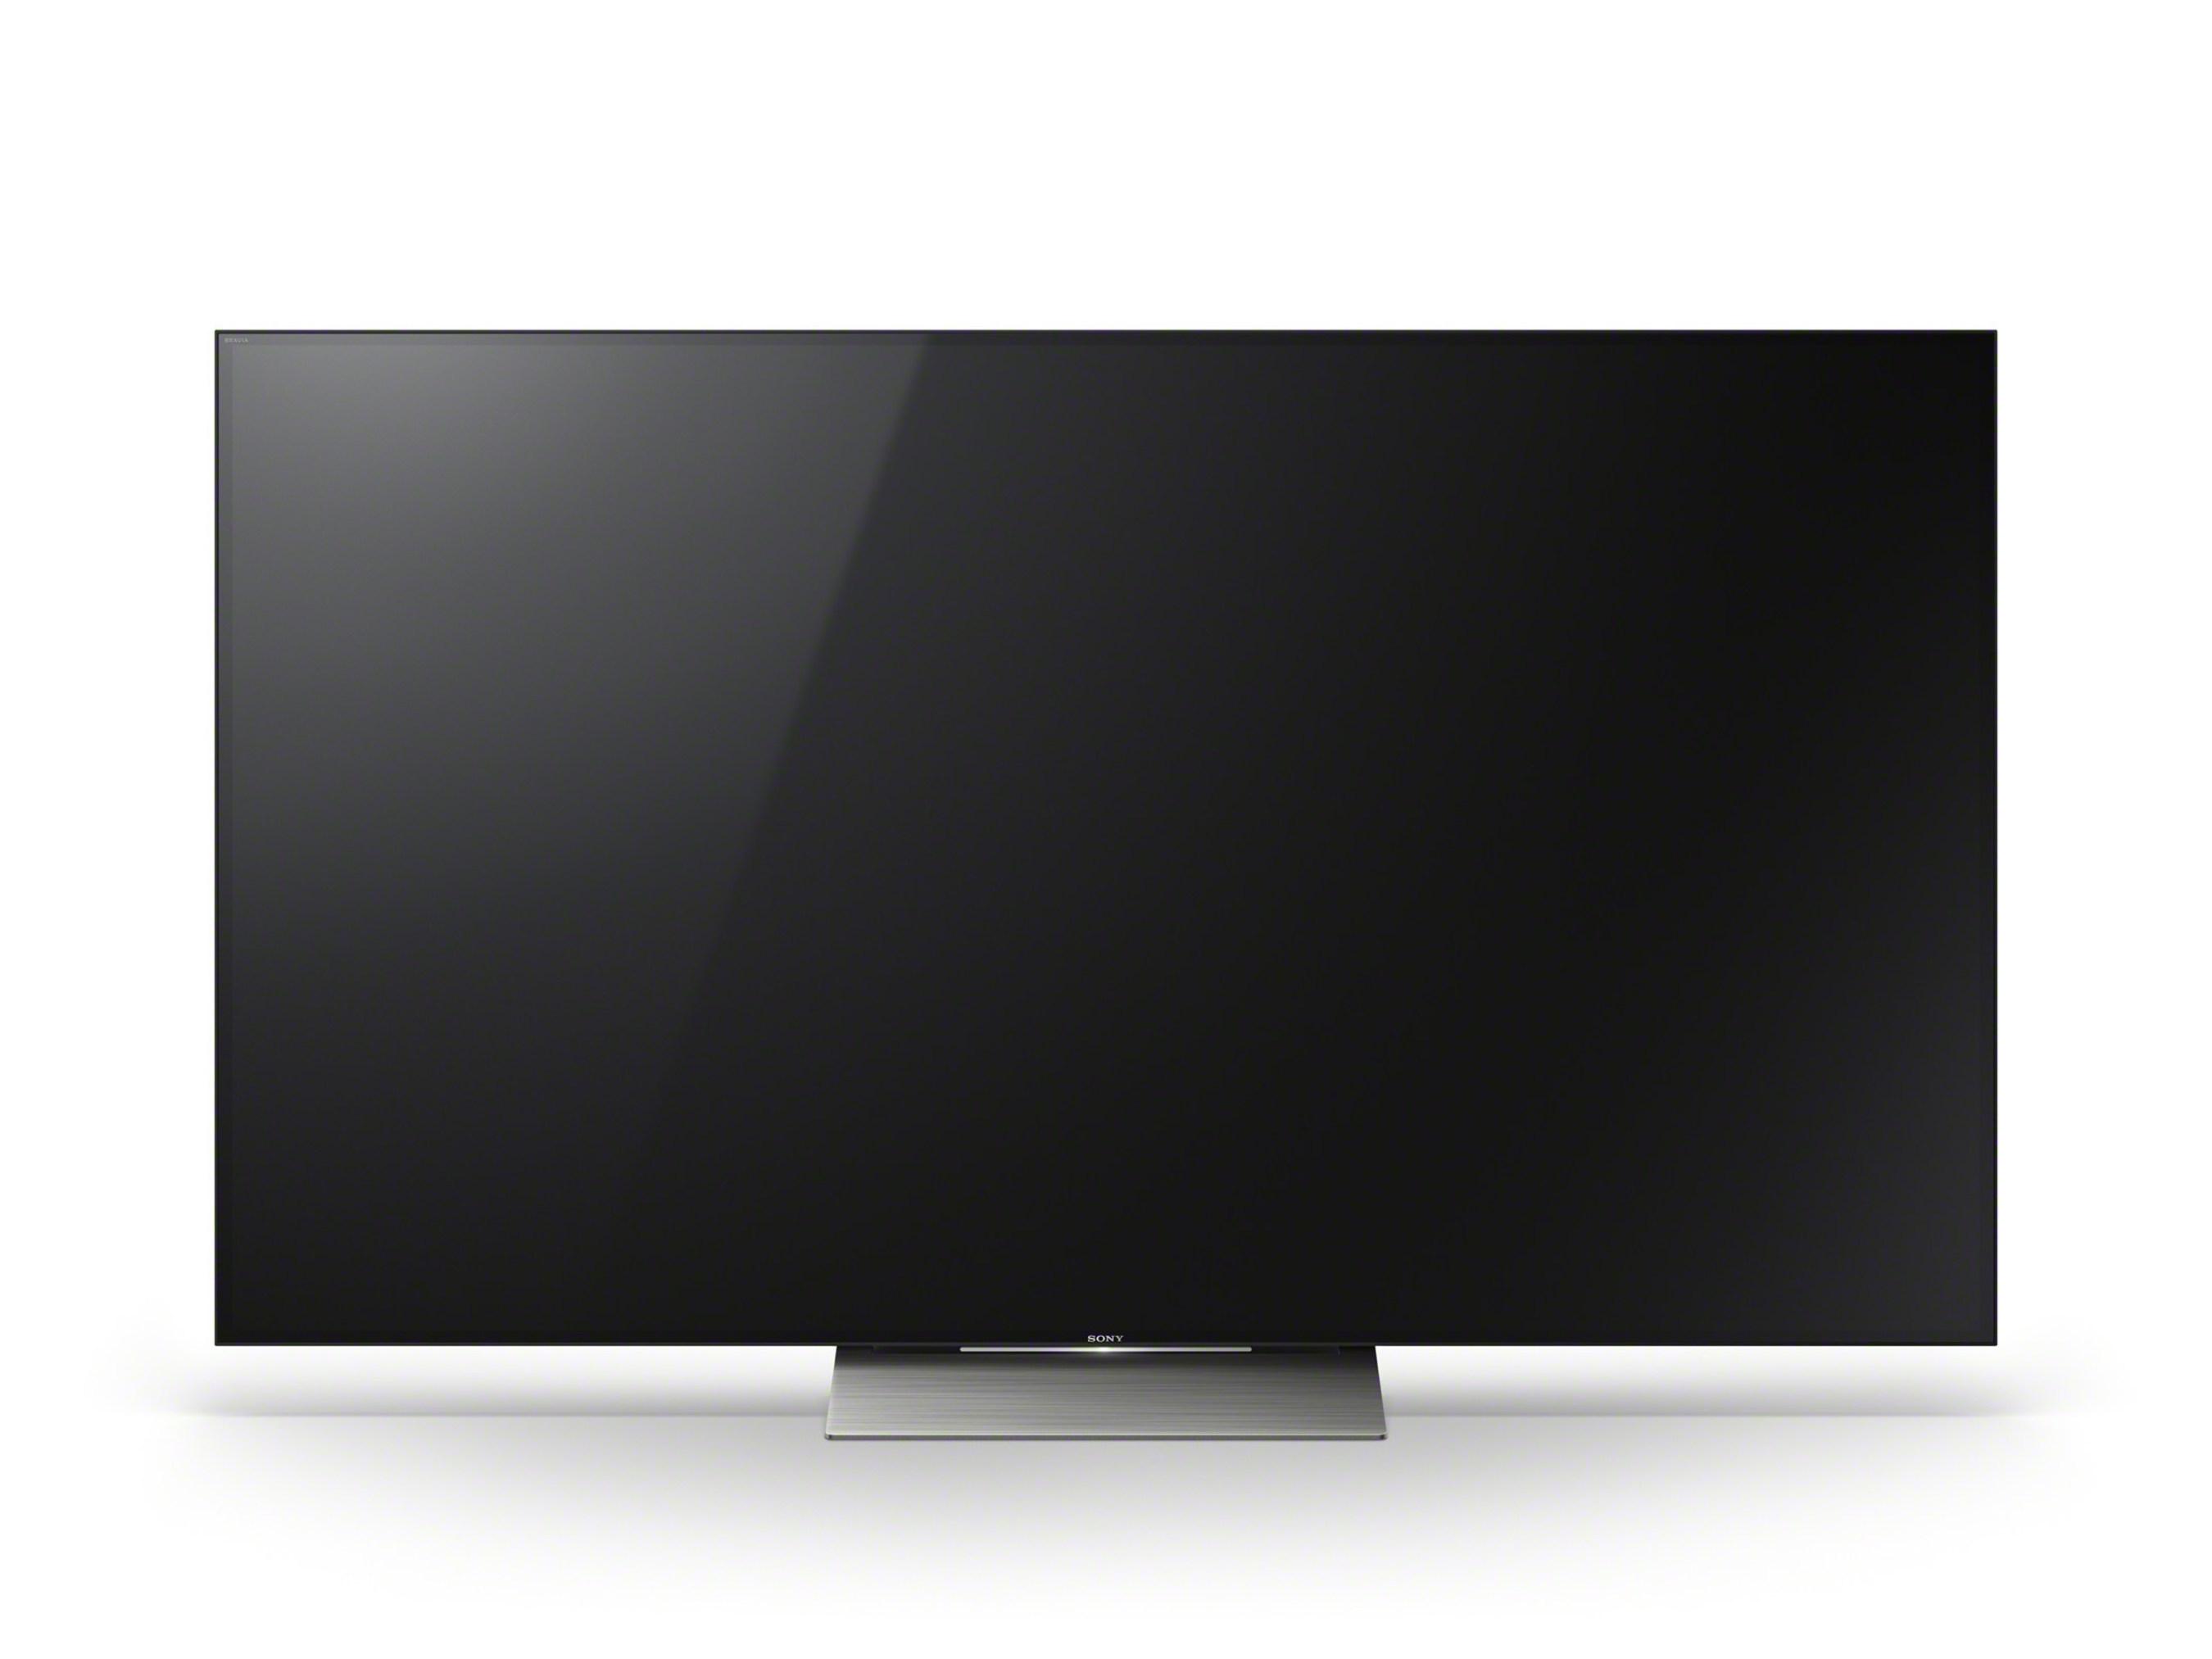 XBR-X930D Series 4K HDR LCD TV